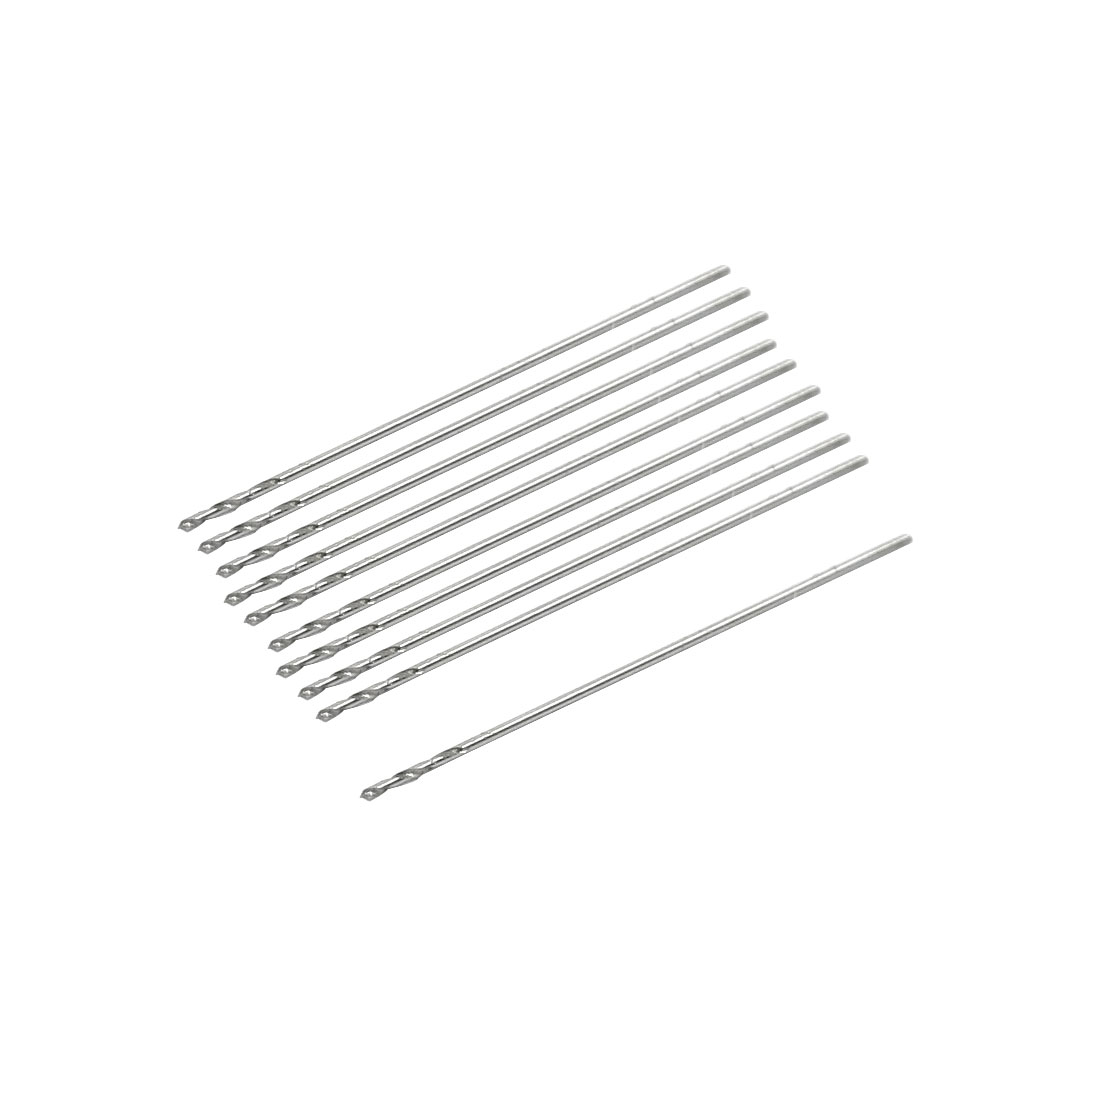 UXCELL High Speed Steel 0.35Mm Dia Split Point 20Mm Long Twist Drill Bits 10 Pcs bit | drill | twist 5pcs long life high speed steel with